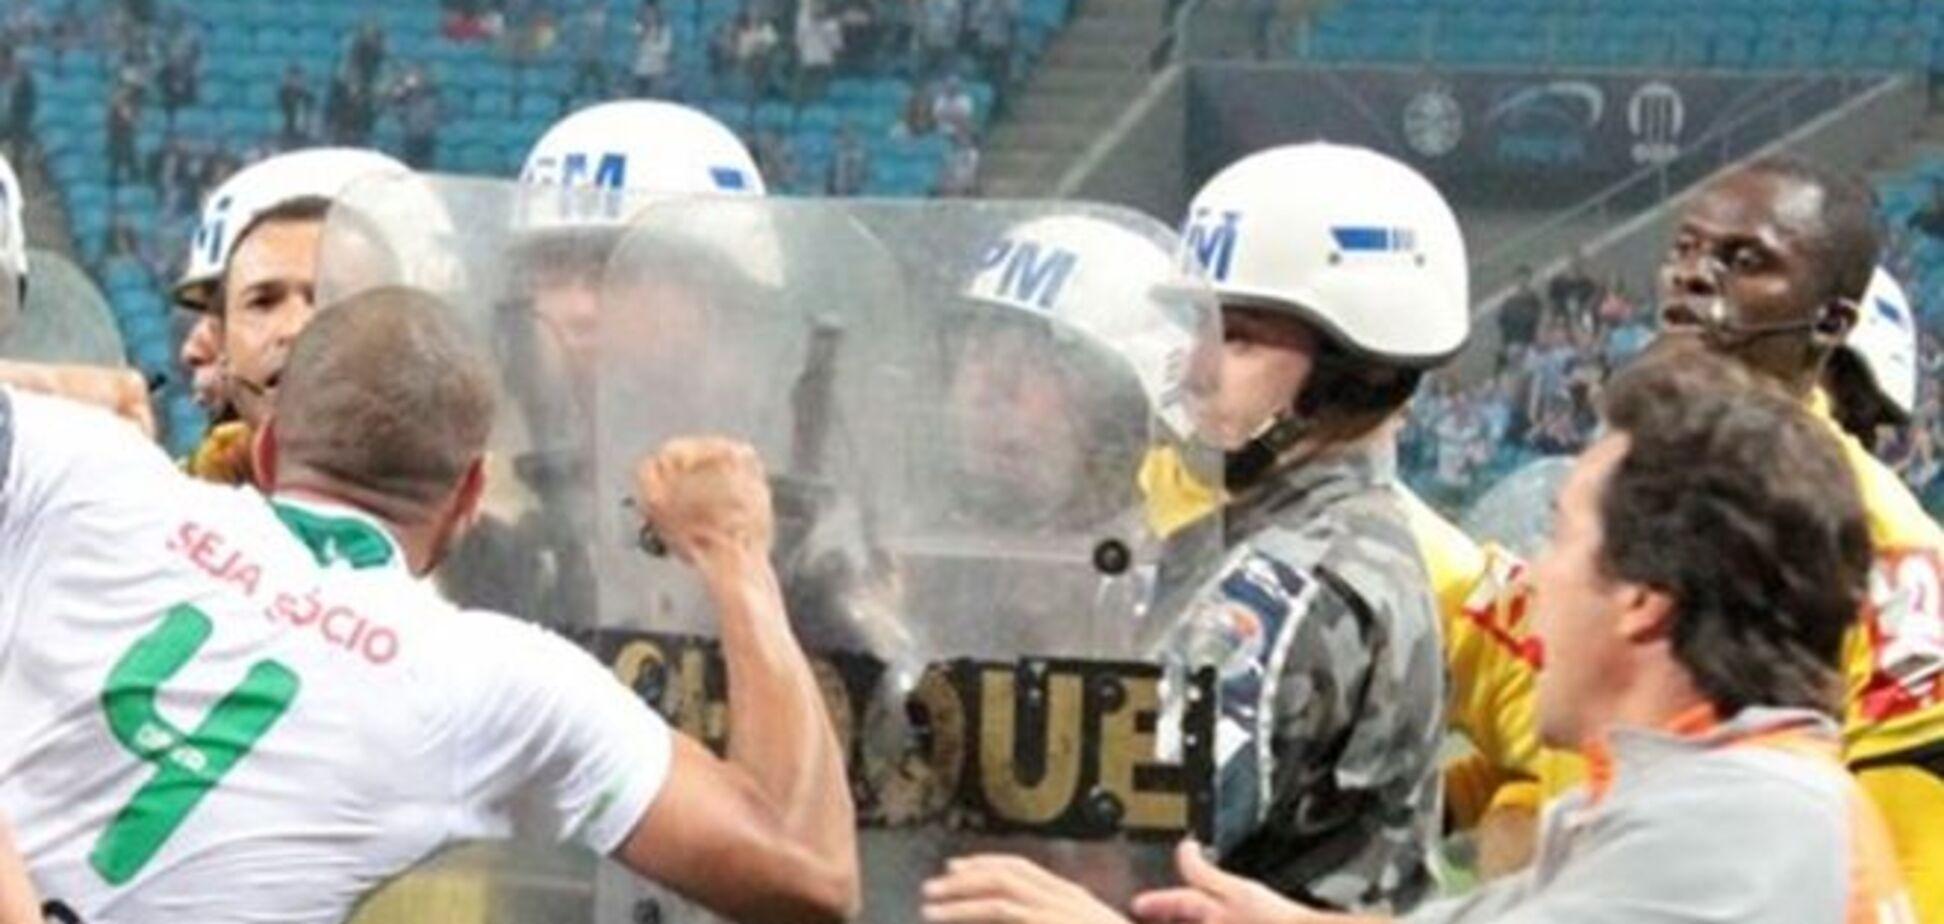 Бразильский спецназ спас арбитра от расправы футболистов